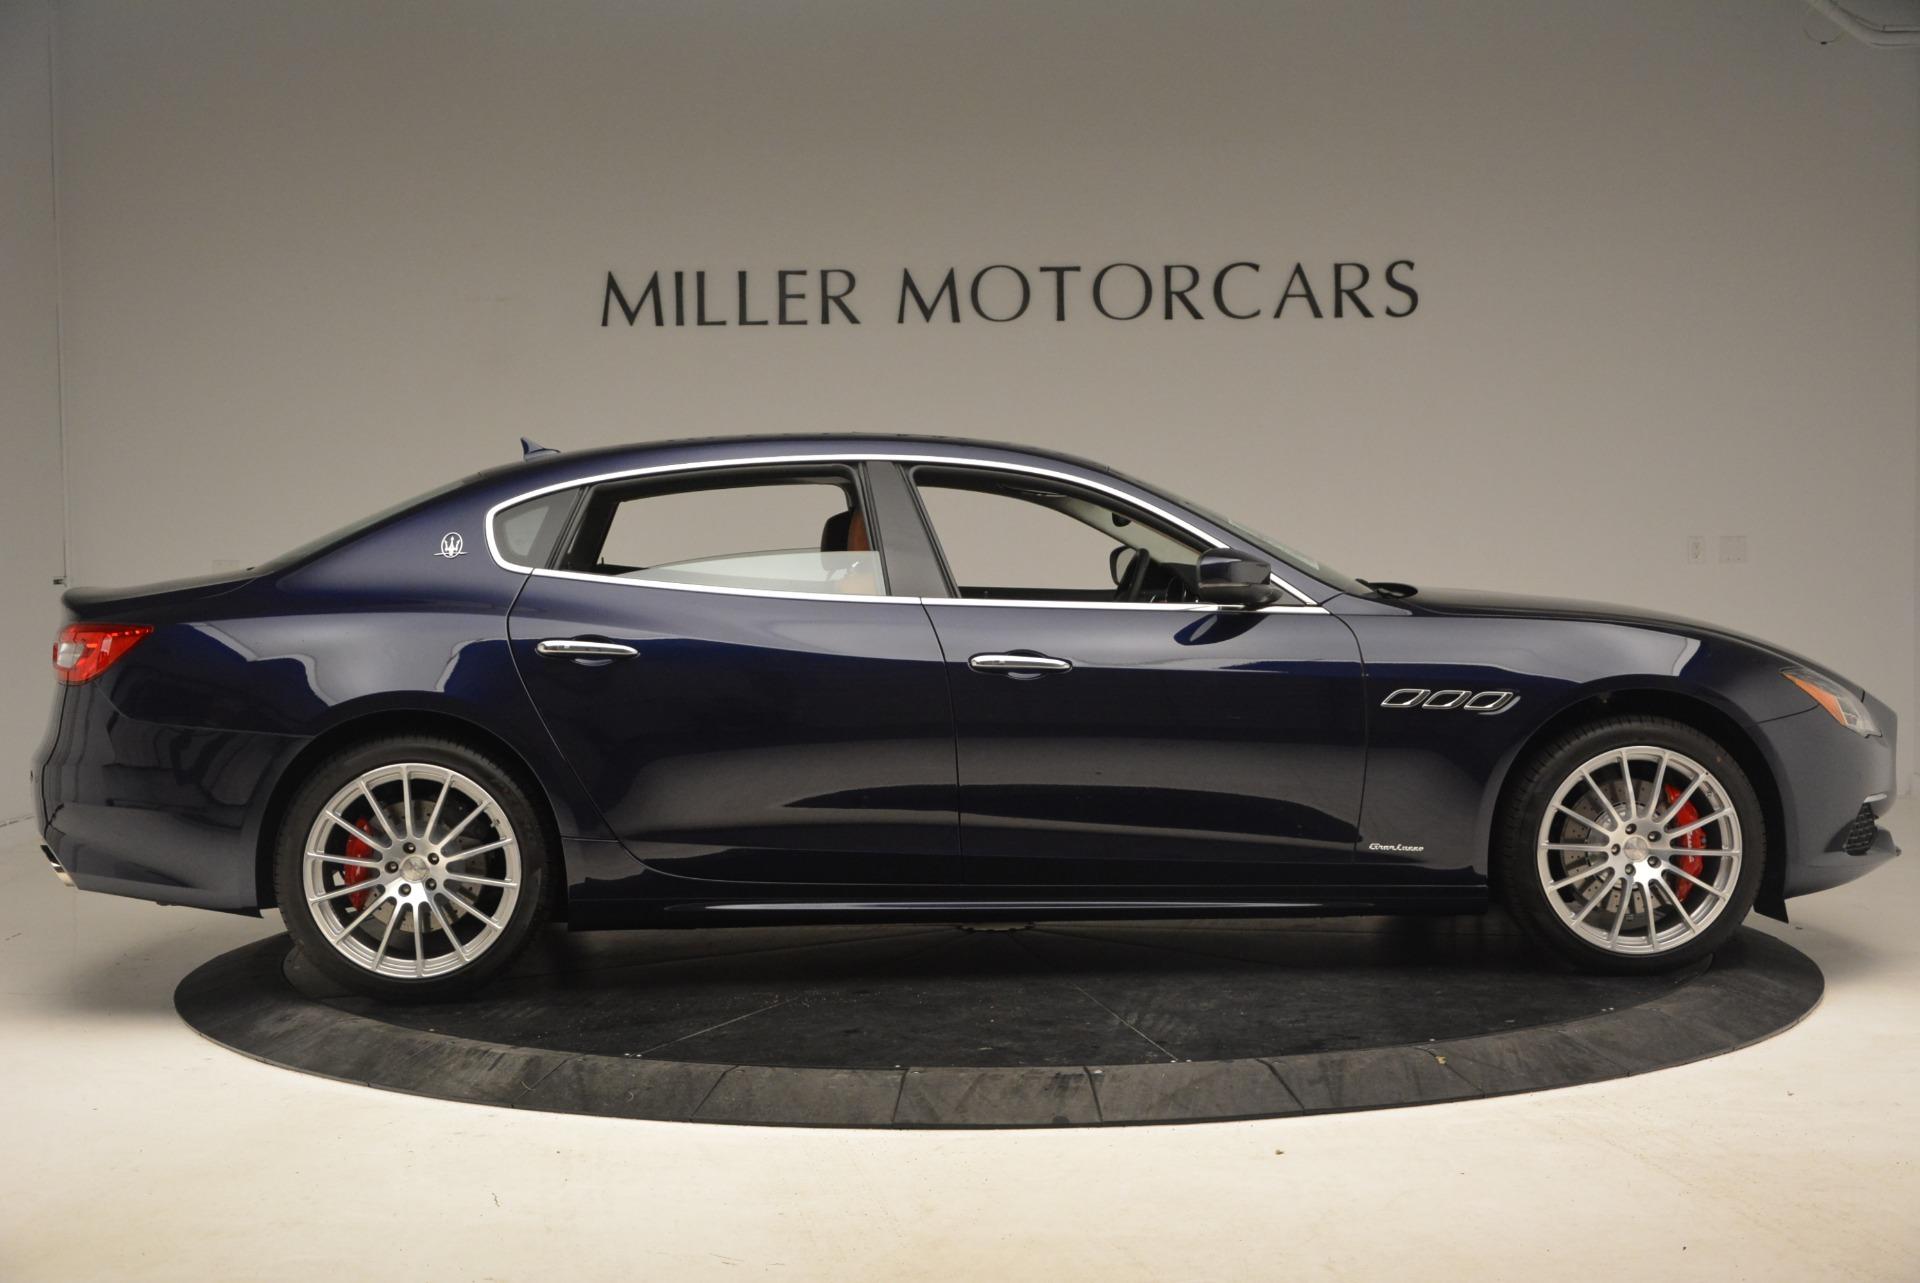 New 2019 Maserati Quattroporte S Q4 GranLusso For Sale In Greenwich, CT 2767_p9